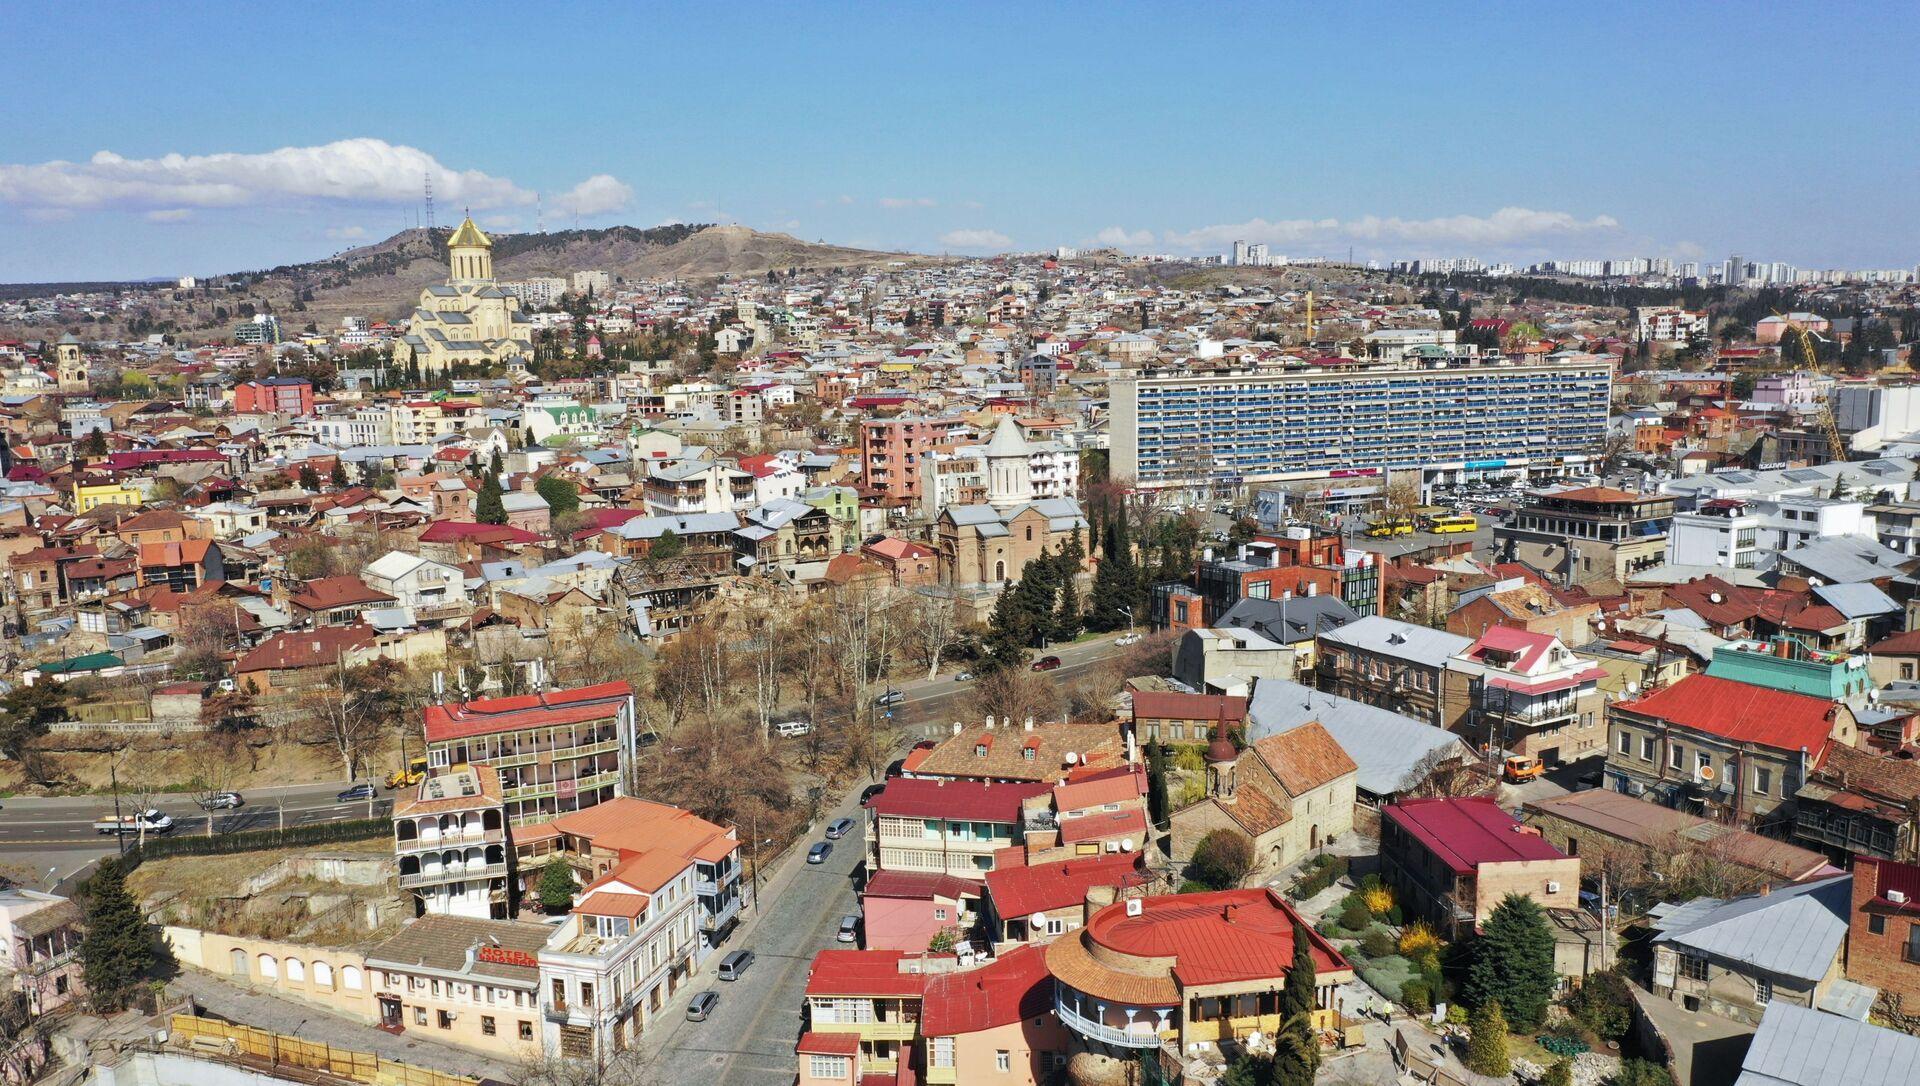 Вид на Тбилиси, фото из архива - Sputnik Azərbaycan, 1920, 13.08.2021